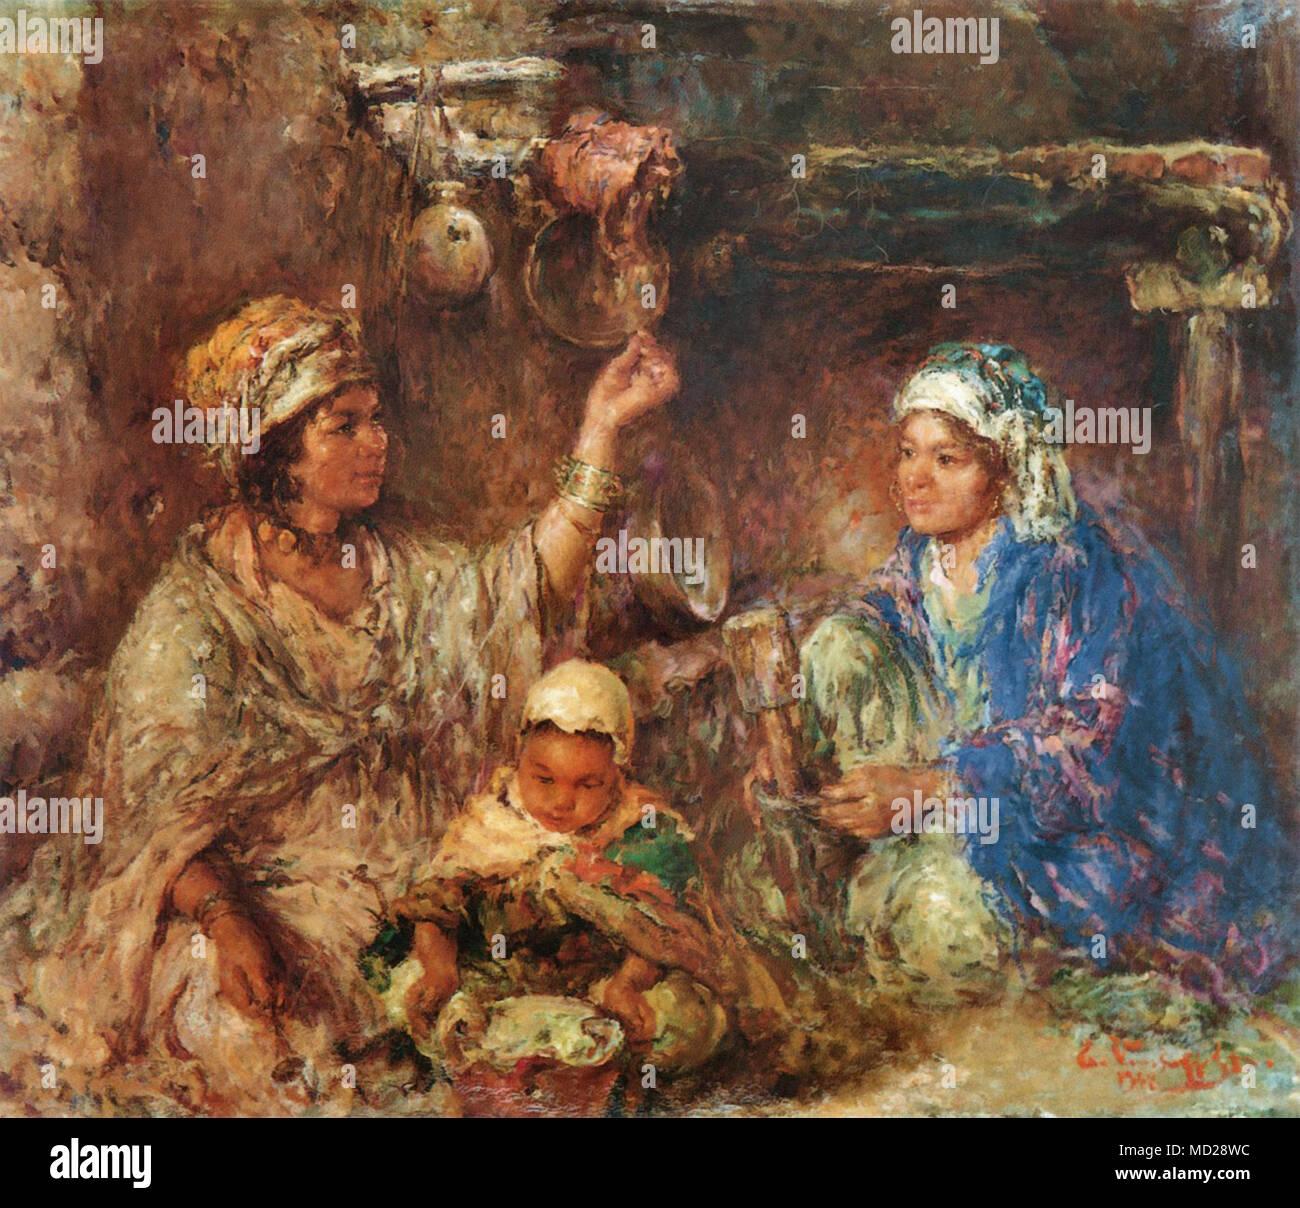 Verschaffelt Edouard - Family Scene Stock Photo  180145096 - Alamy 20a09d79d5f